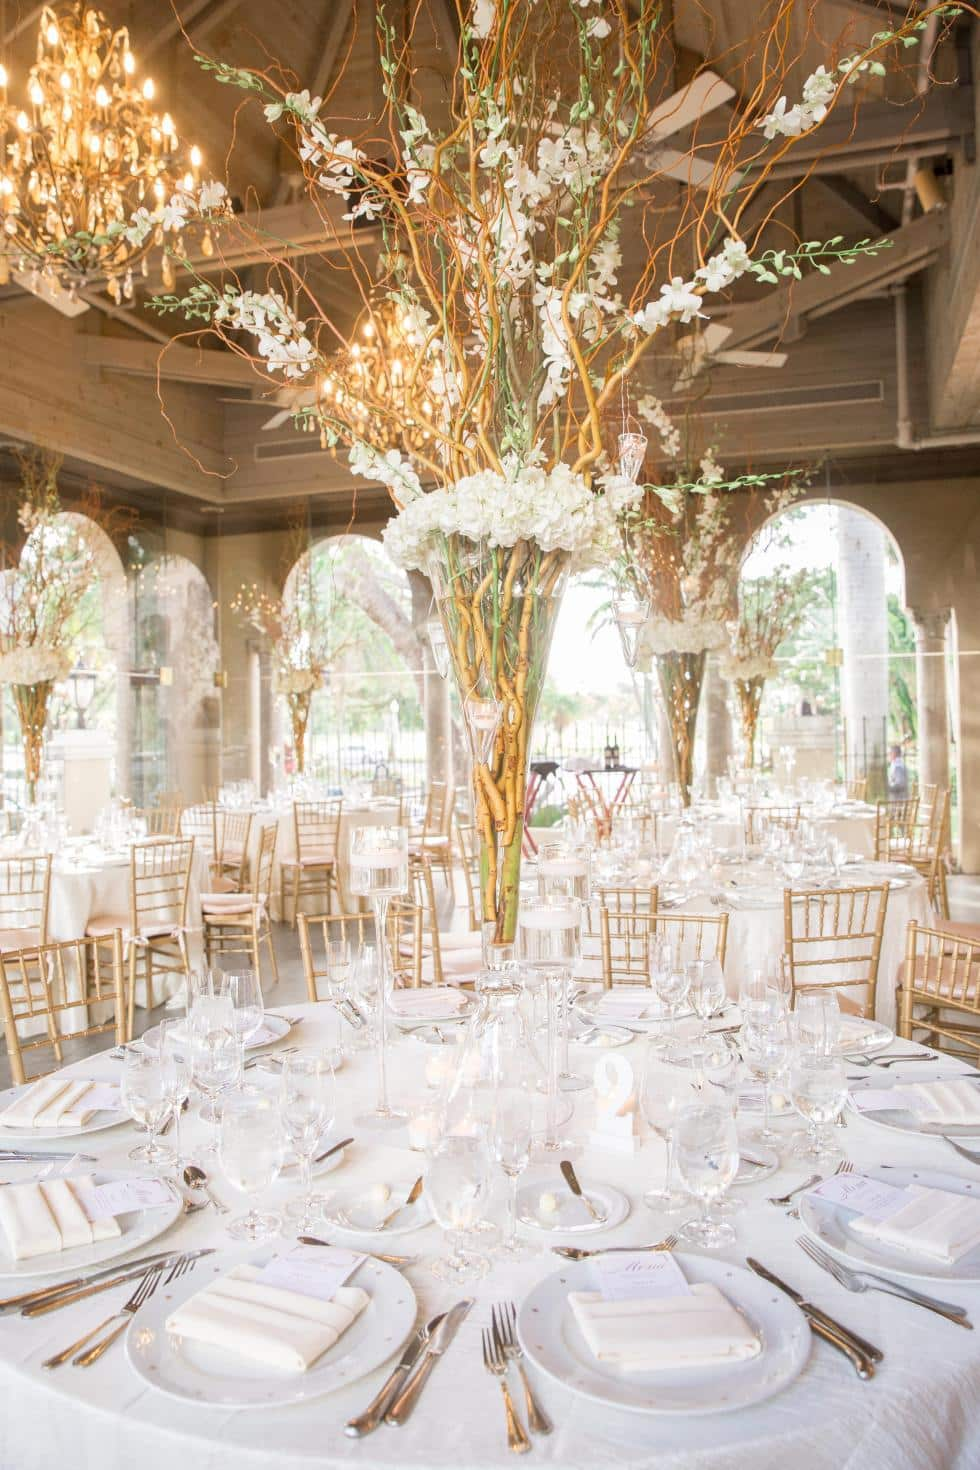 Miami Wedding Venue - Coral Gables Country Club | Miami Weddings